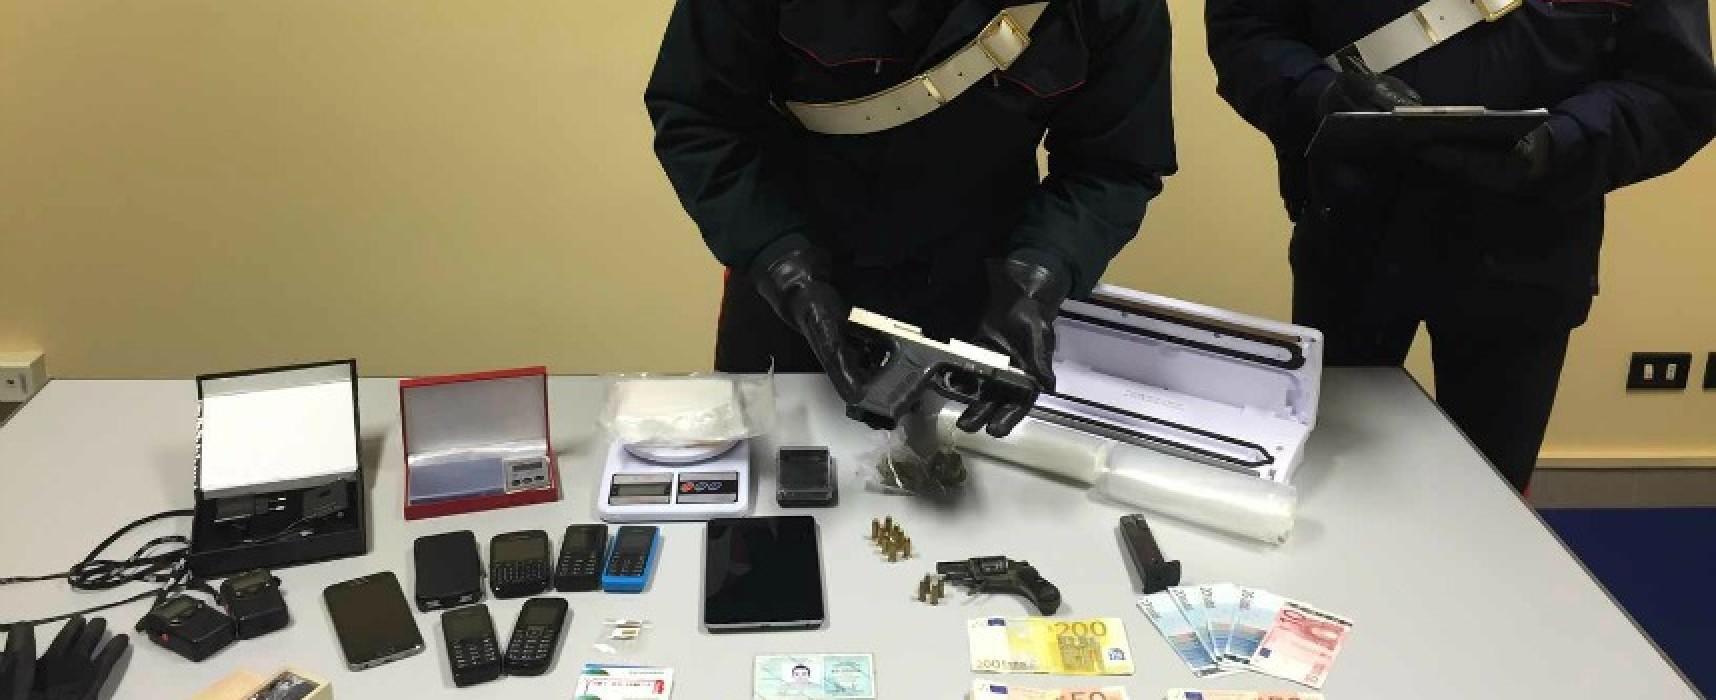 Ricercato da quattro anni arrestato a Bisceglie, beccato con armi e droga / FOTO